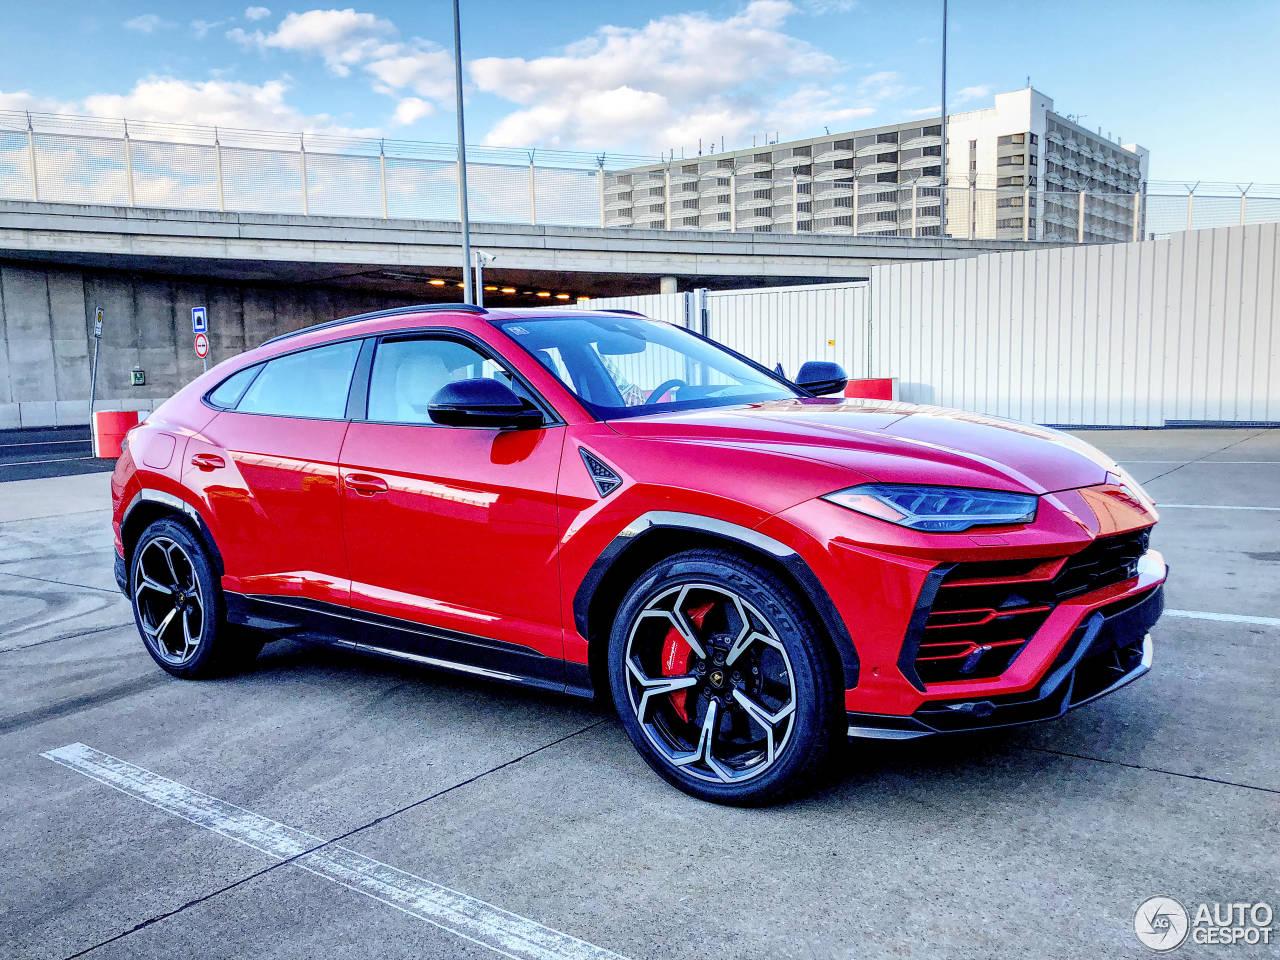 Rode Lamborghini Urus oogt te gek